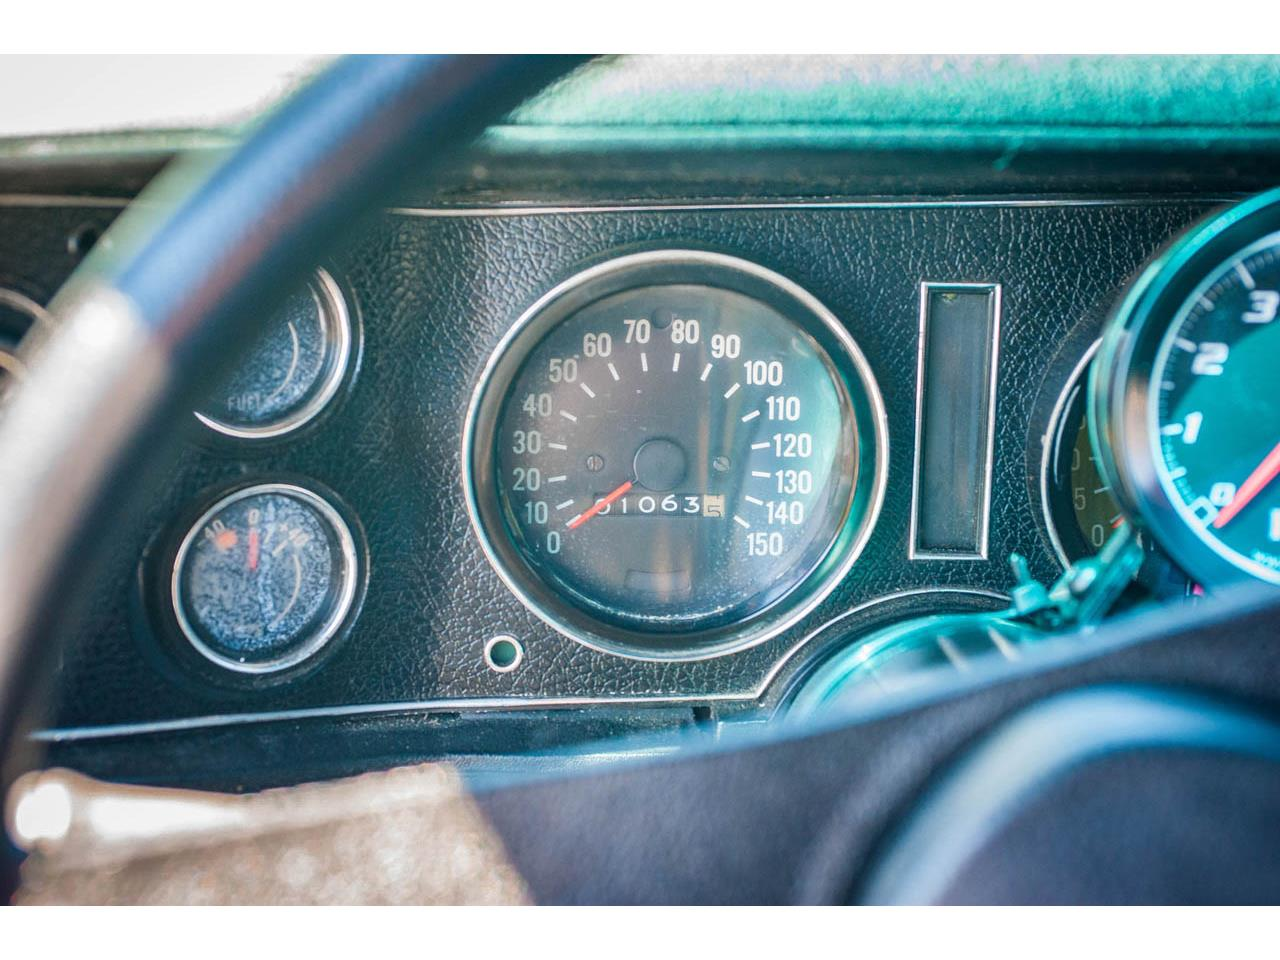 Large Picture of Classic 1971 Chevrolet Camaro located in O'Fallon Illinois - $35,995.00 - QB8S